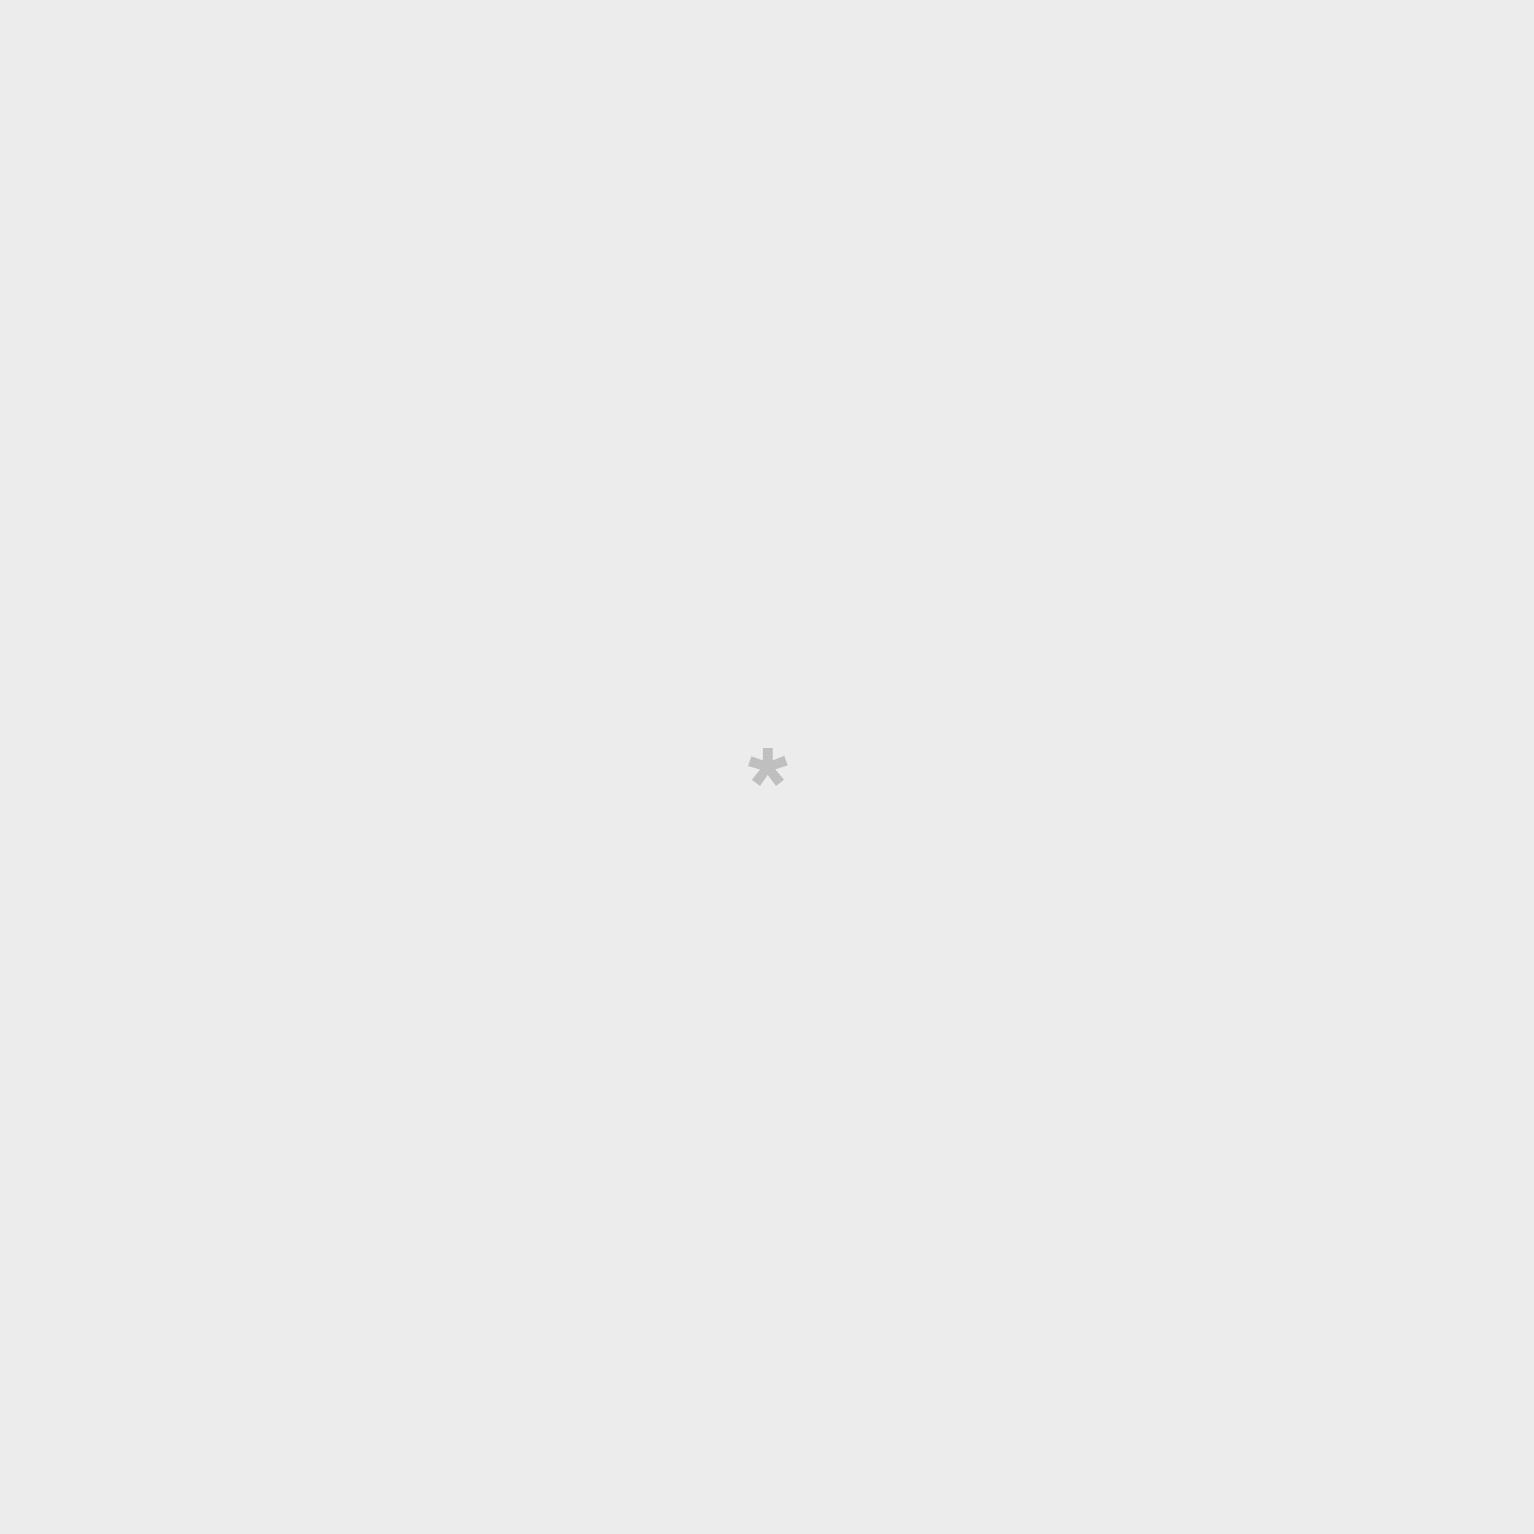 Livro para um pai maravilhoso, que merece tudo e um pouco mais